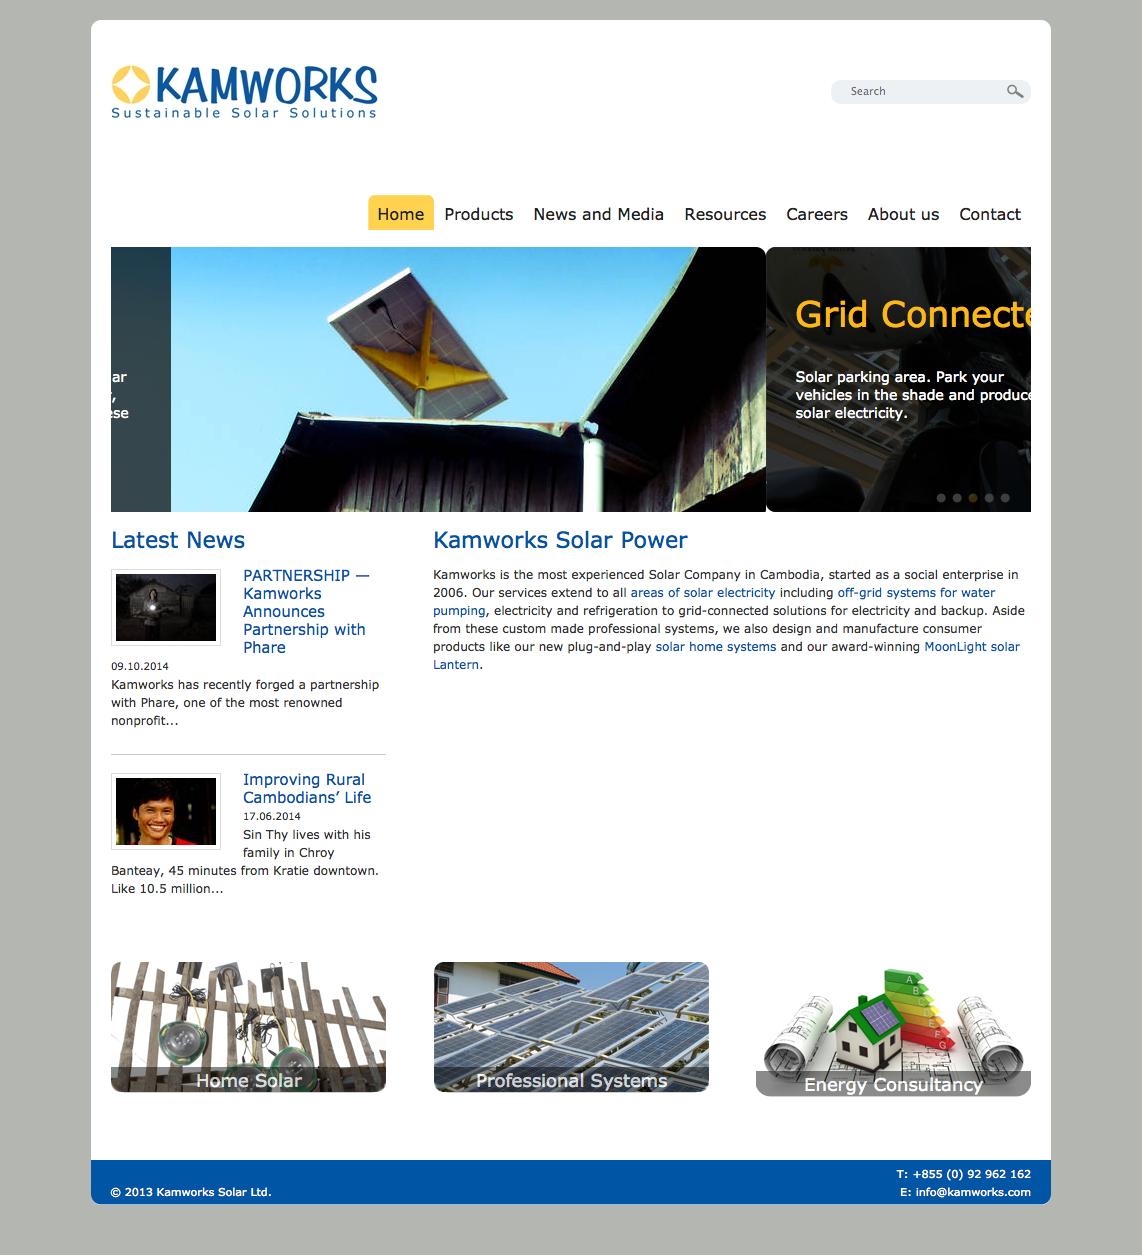 kamworks.com